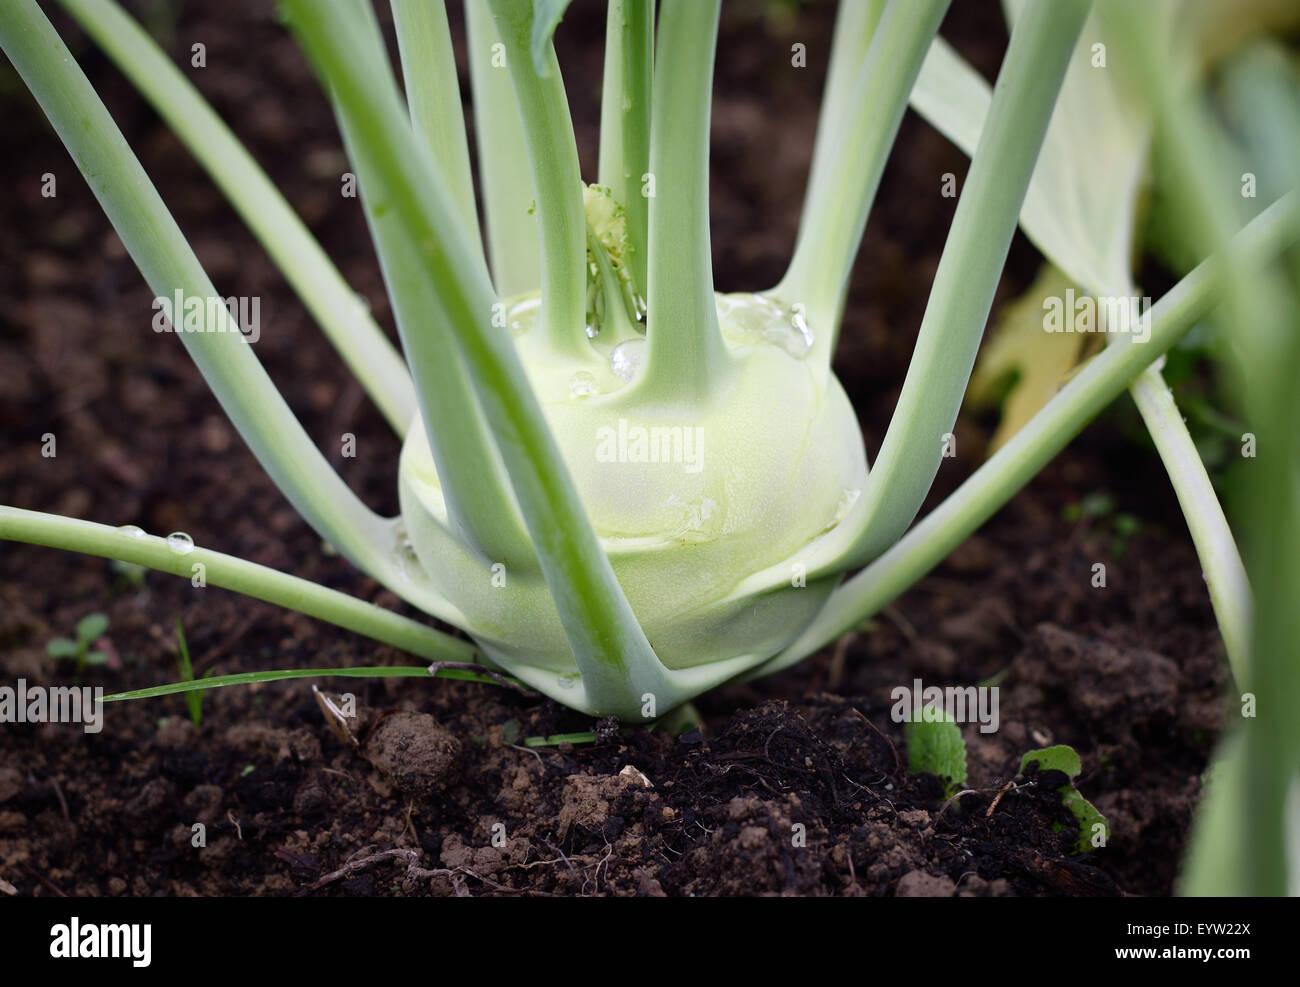 Close up di cavolo rapa (tedesco rape, cavoli rapa) nel giardino. Immagini Stock